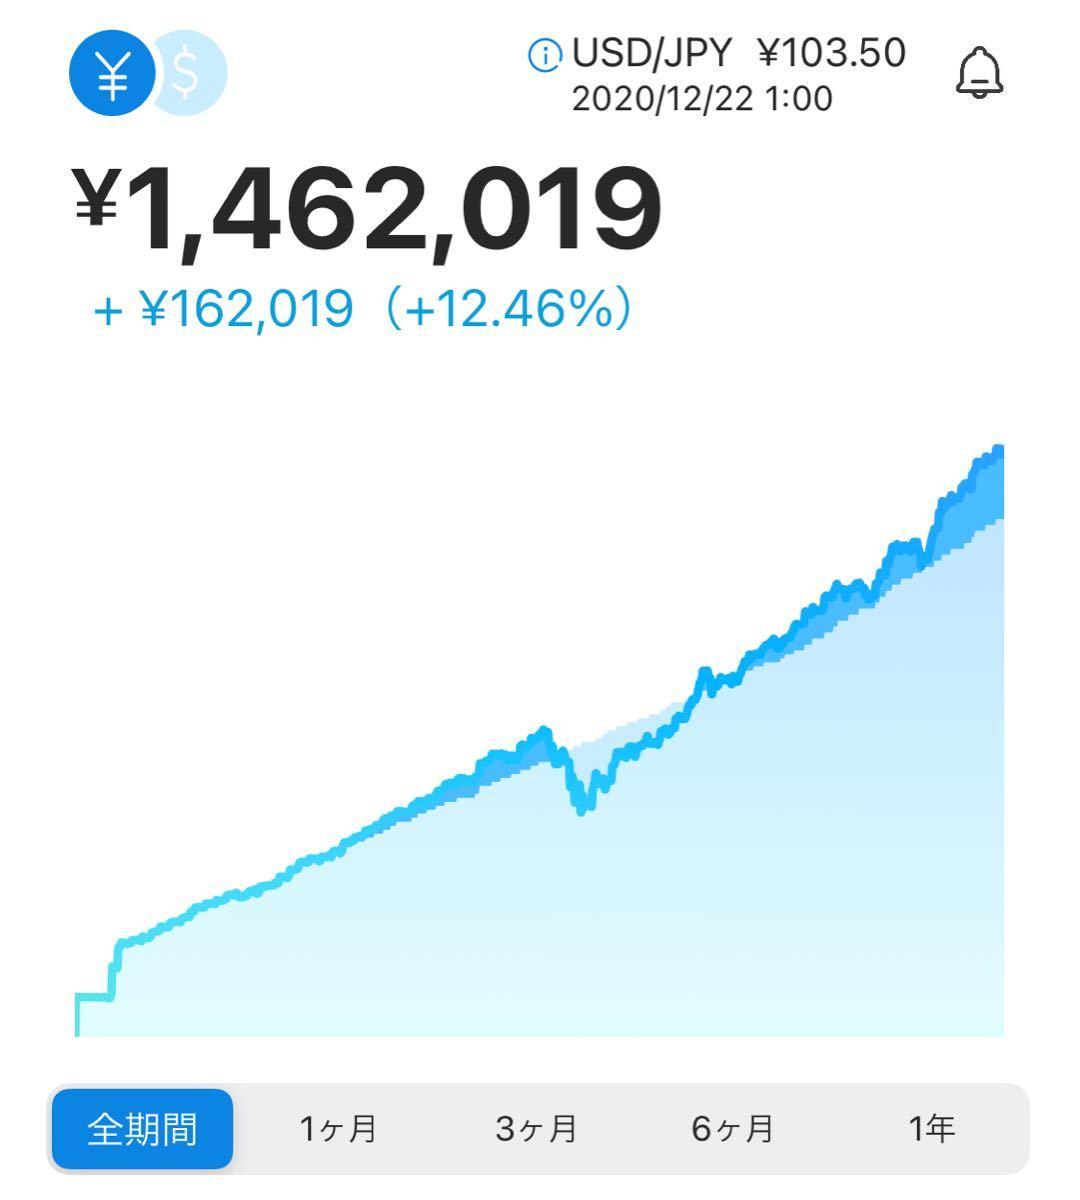 7342 - ウェルスナビ(株) 口座を持たれてるとのことで これは毎週1.5万円積み立てして運用した実績です。年率8%程度のリターン